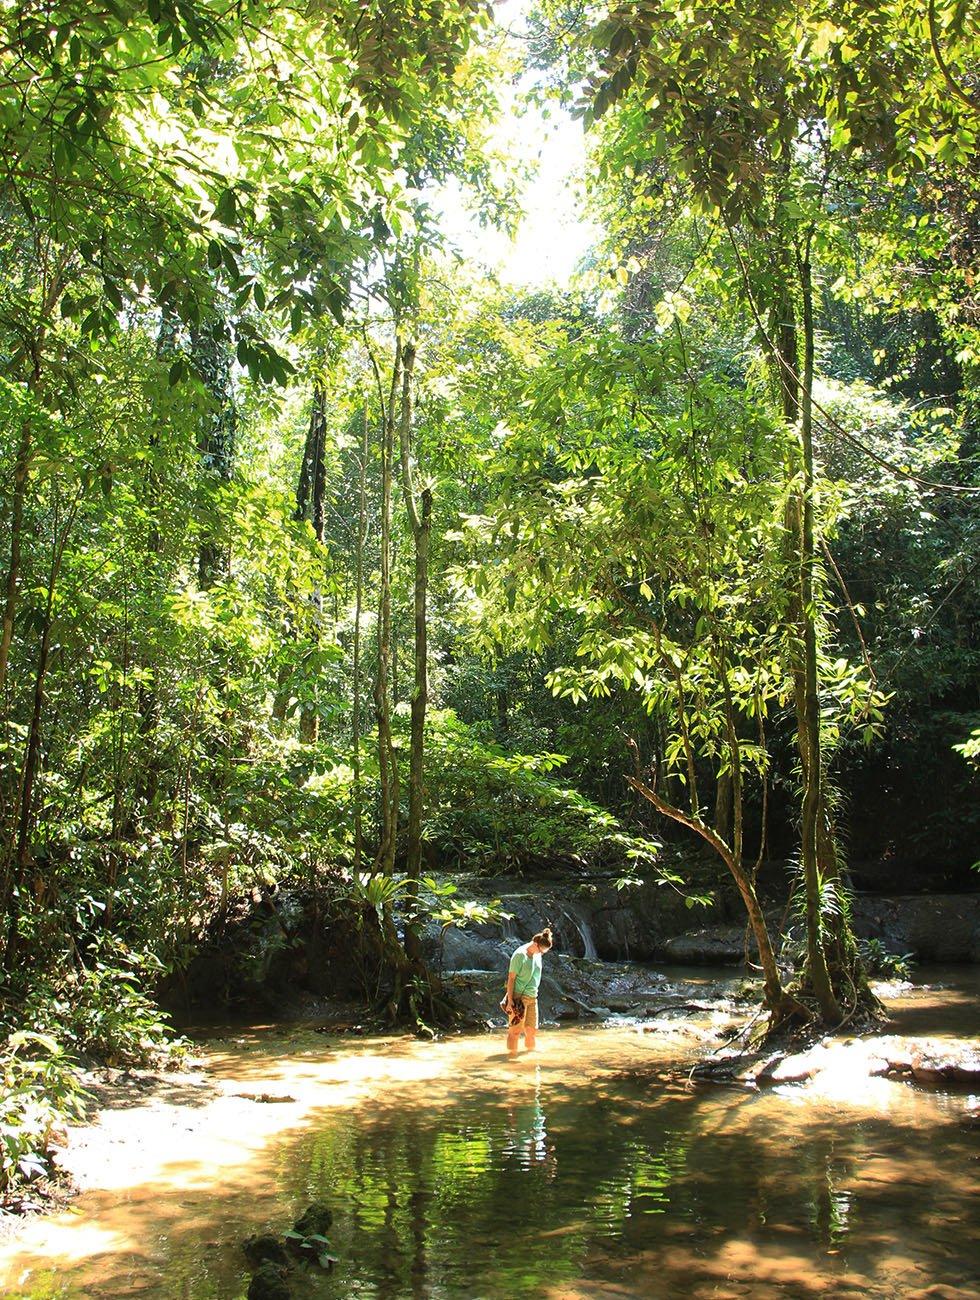 Sa Nang Manora Forest Park Phang Nga